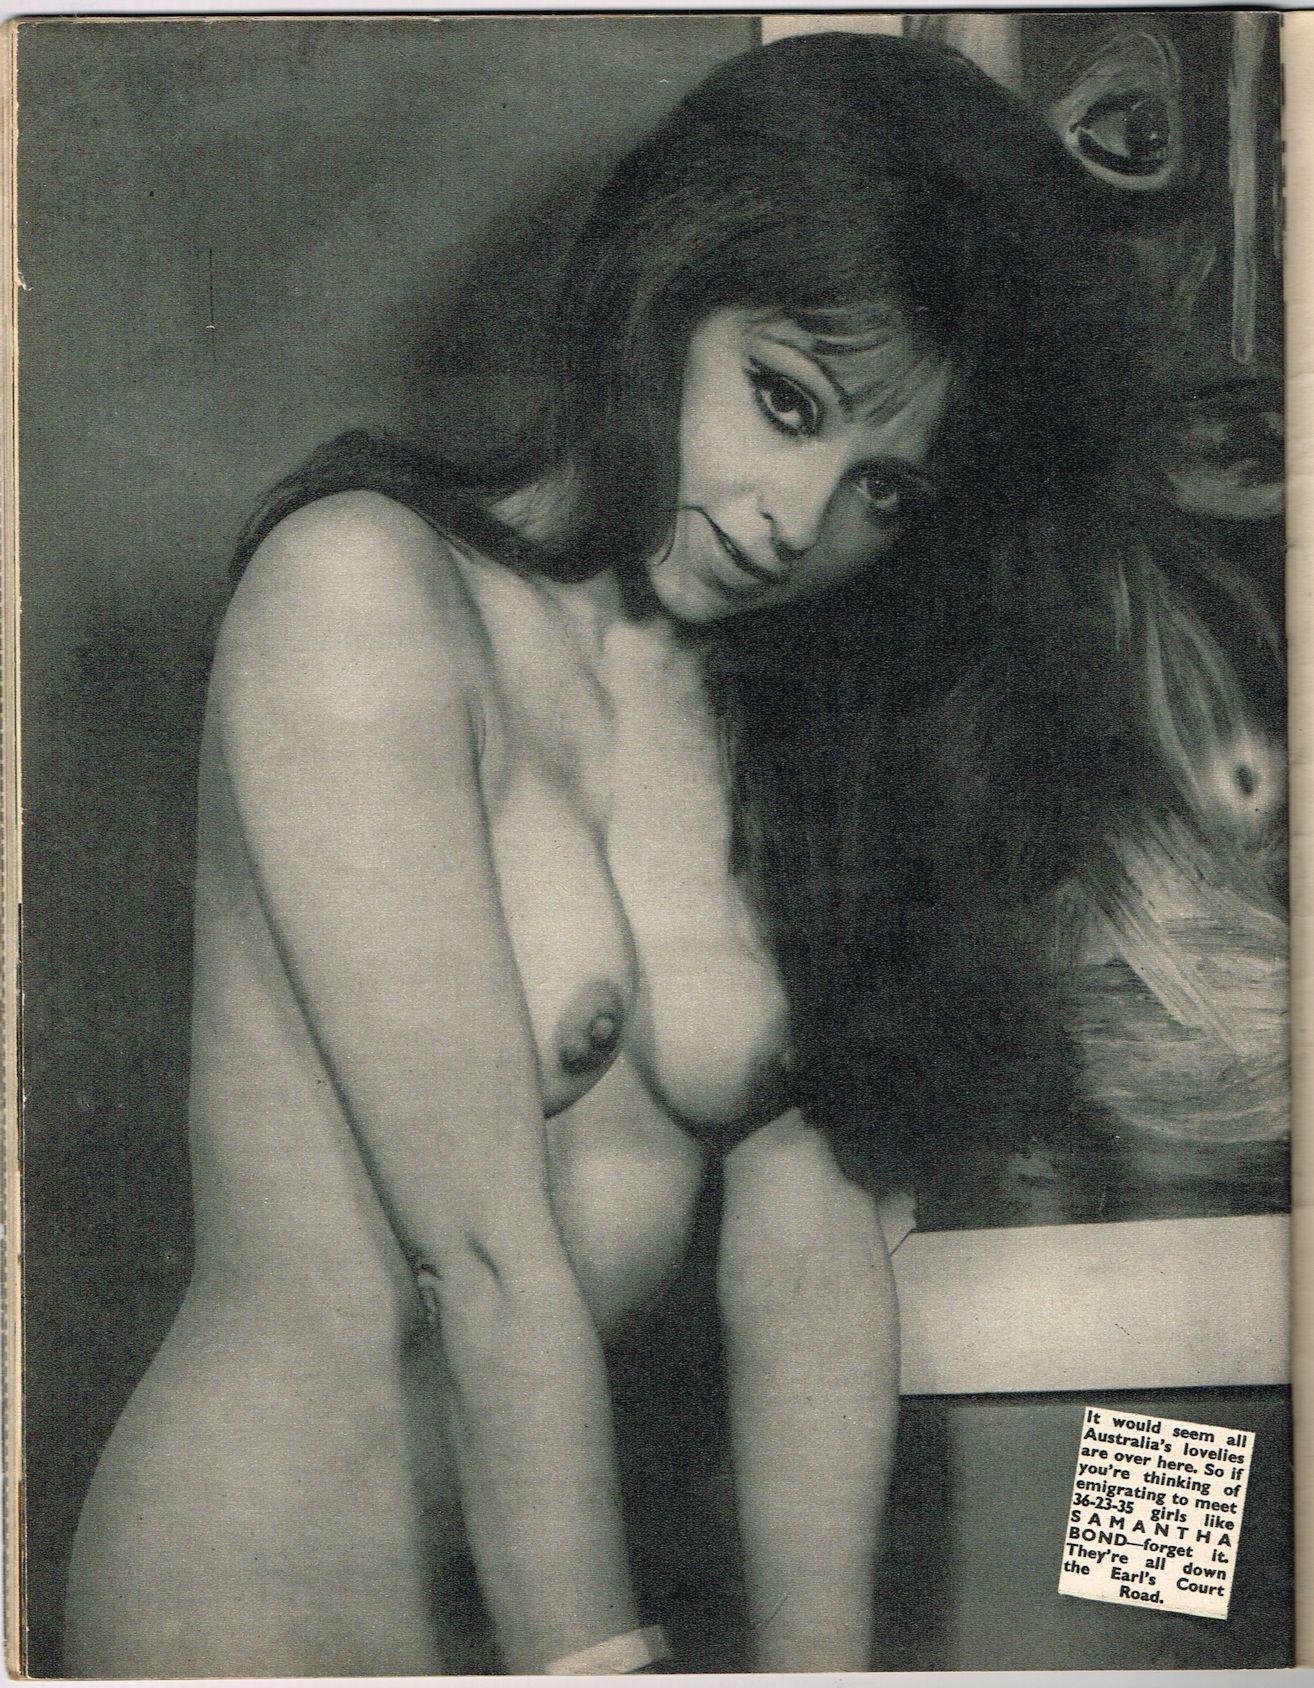 Wild girl nude selfie